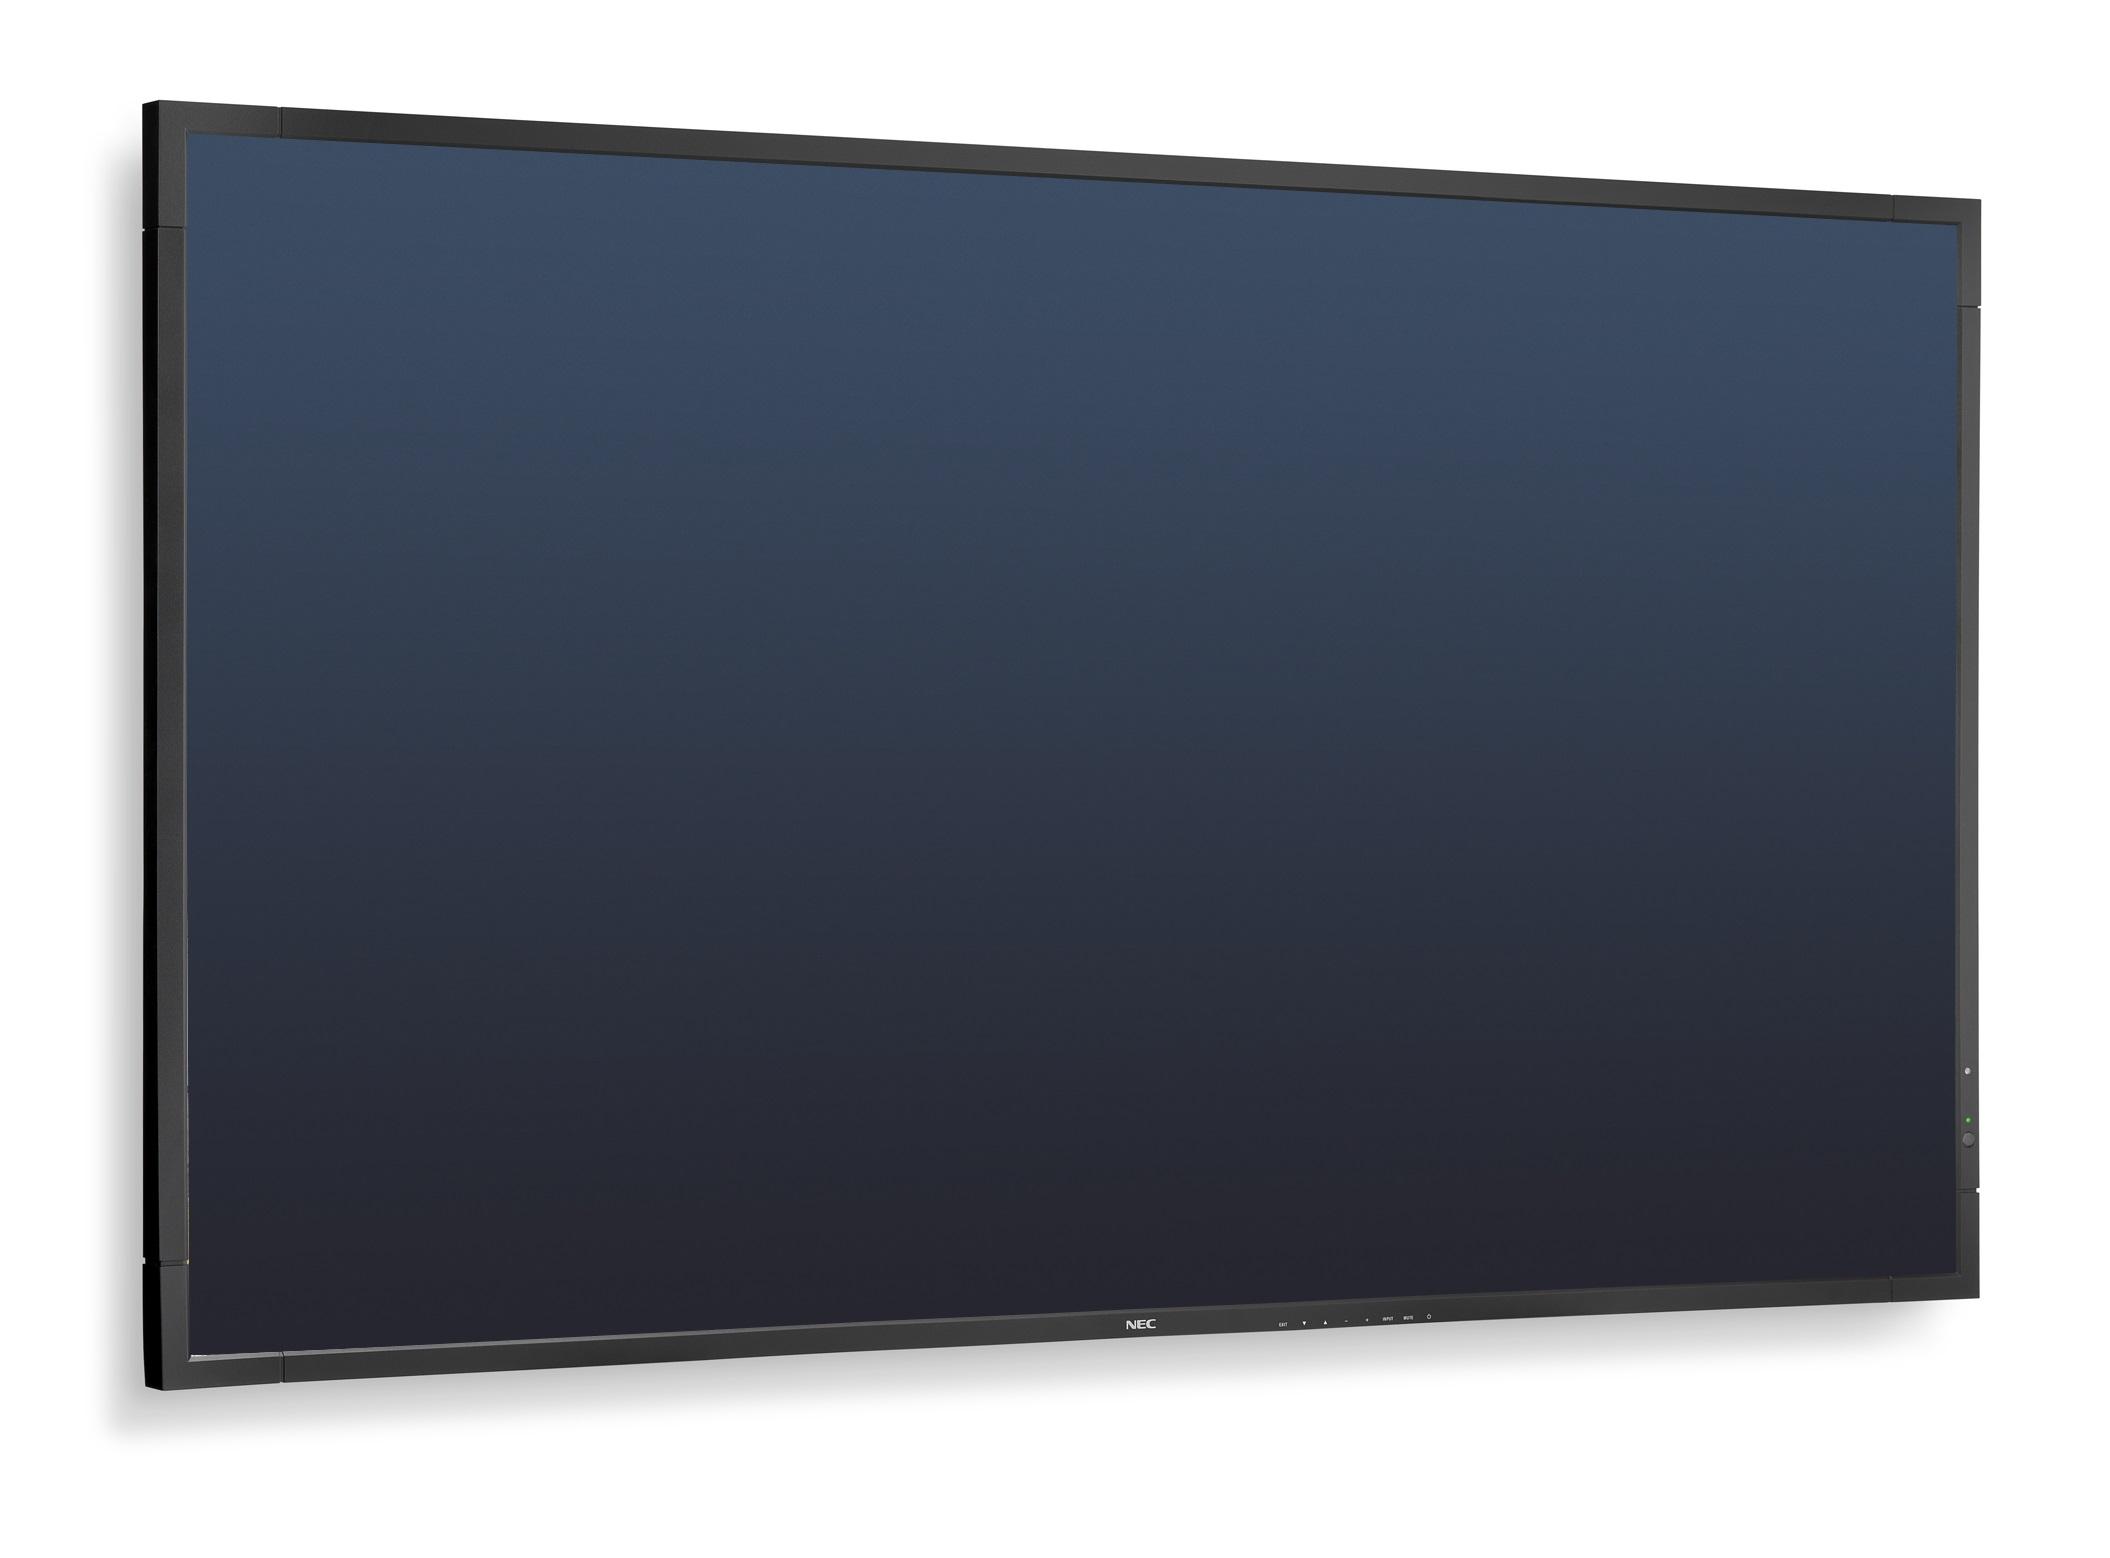 """NEC 42"""" velkoformátový display V423 - 24/7, 1920x1080, 450cd, bez stojanu"""